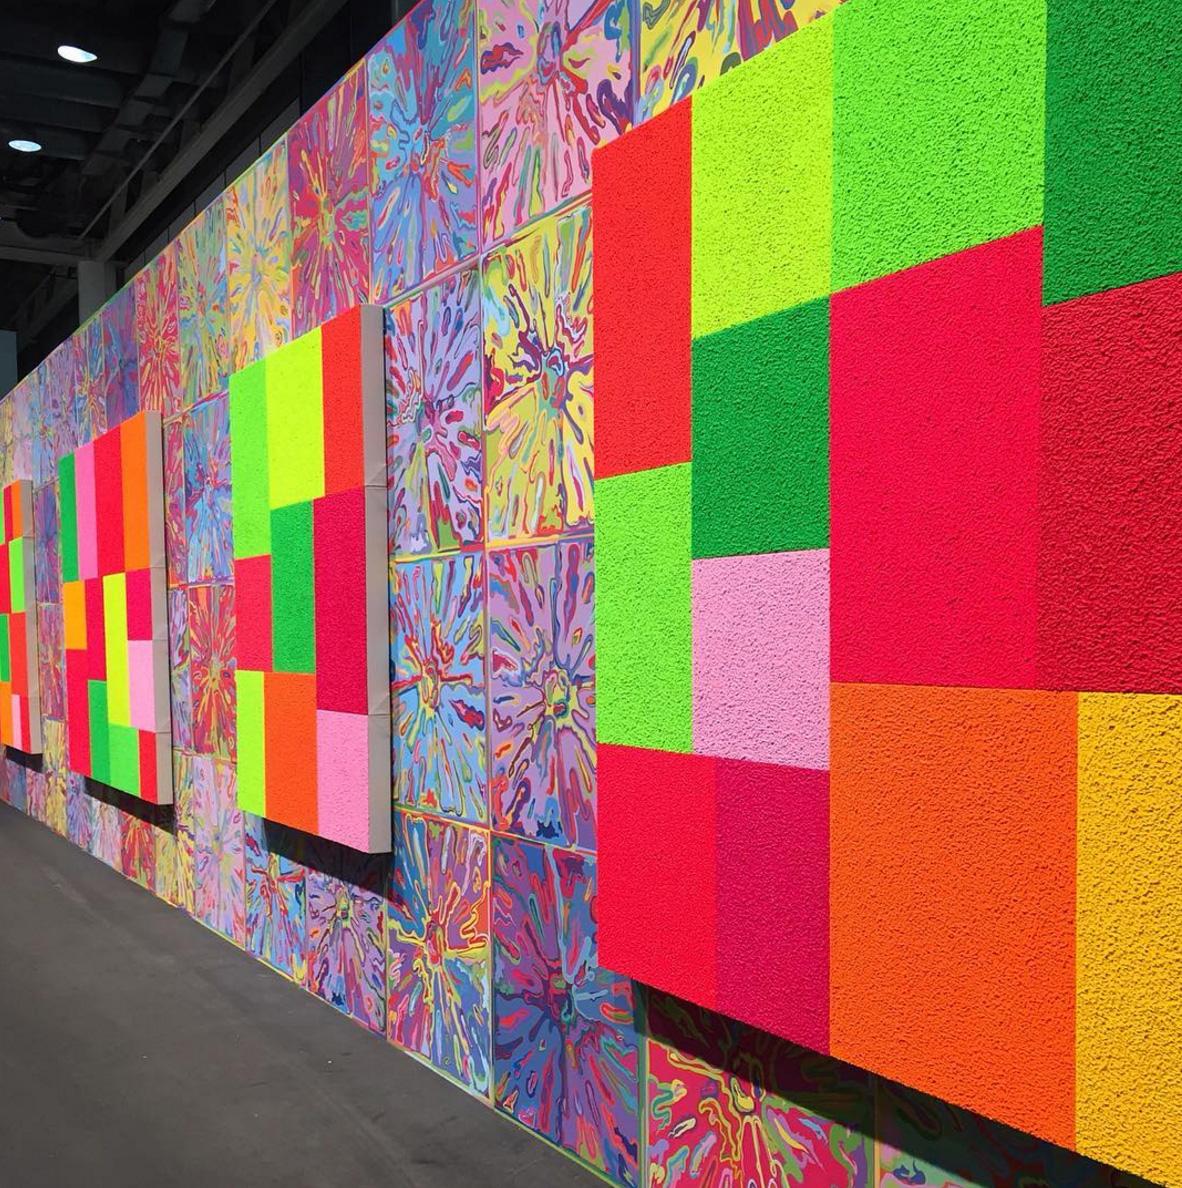 Персональная выставка легендарного нью-йоркского художника-неоконцептулиста Питера Хелли